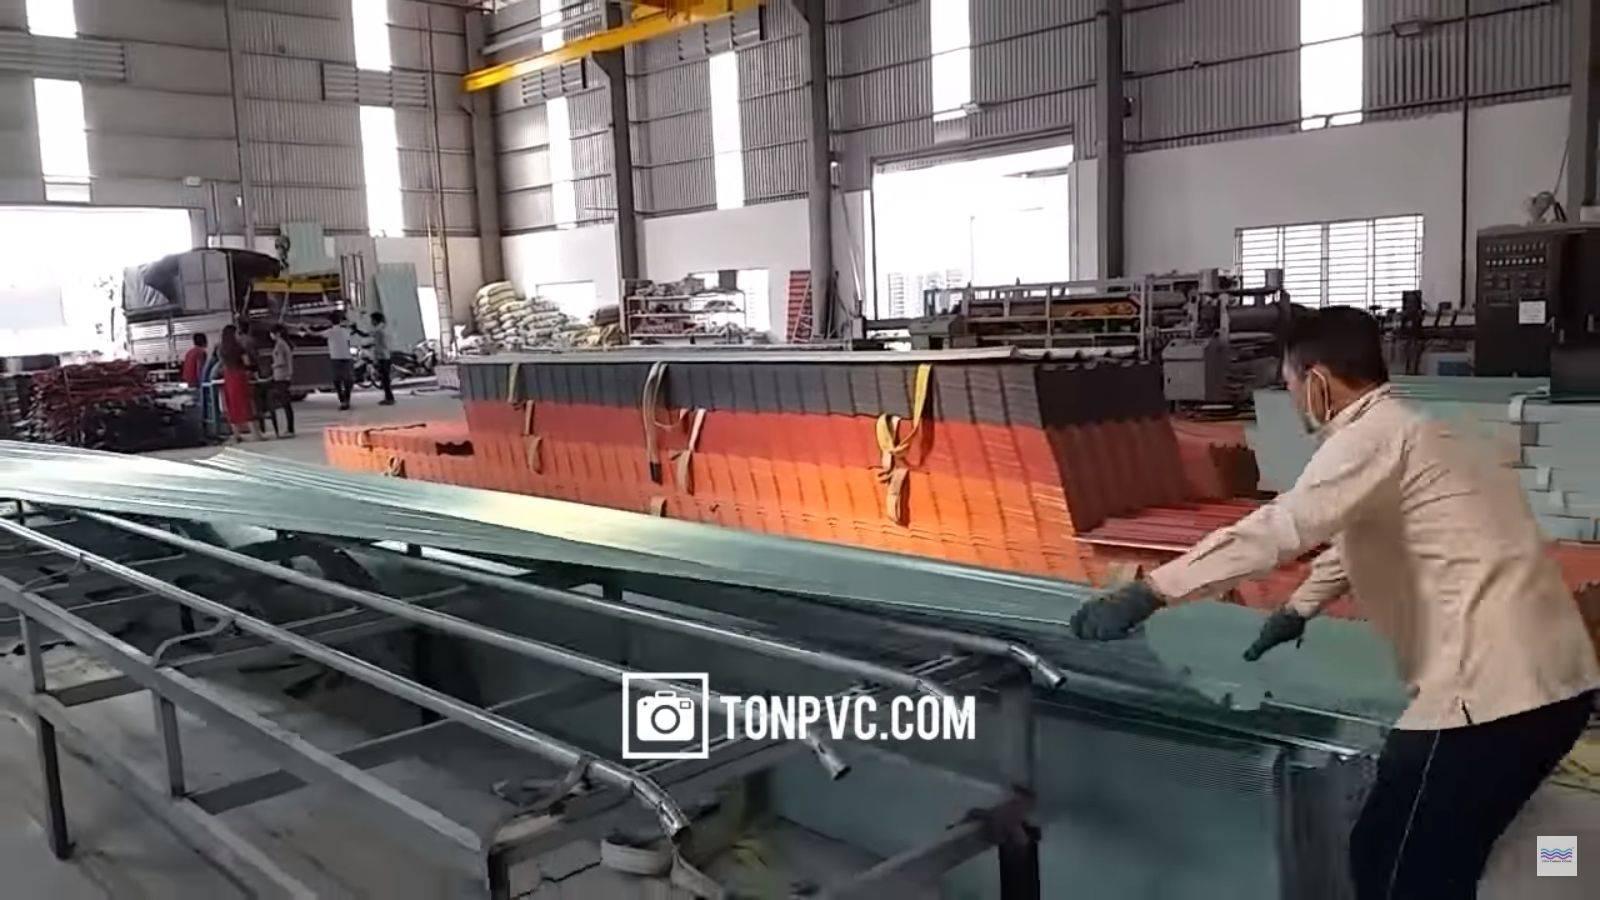 hoạt động sản xuất tấm lợp nhựa pvc